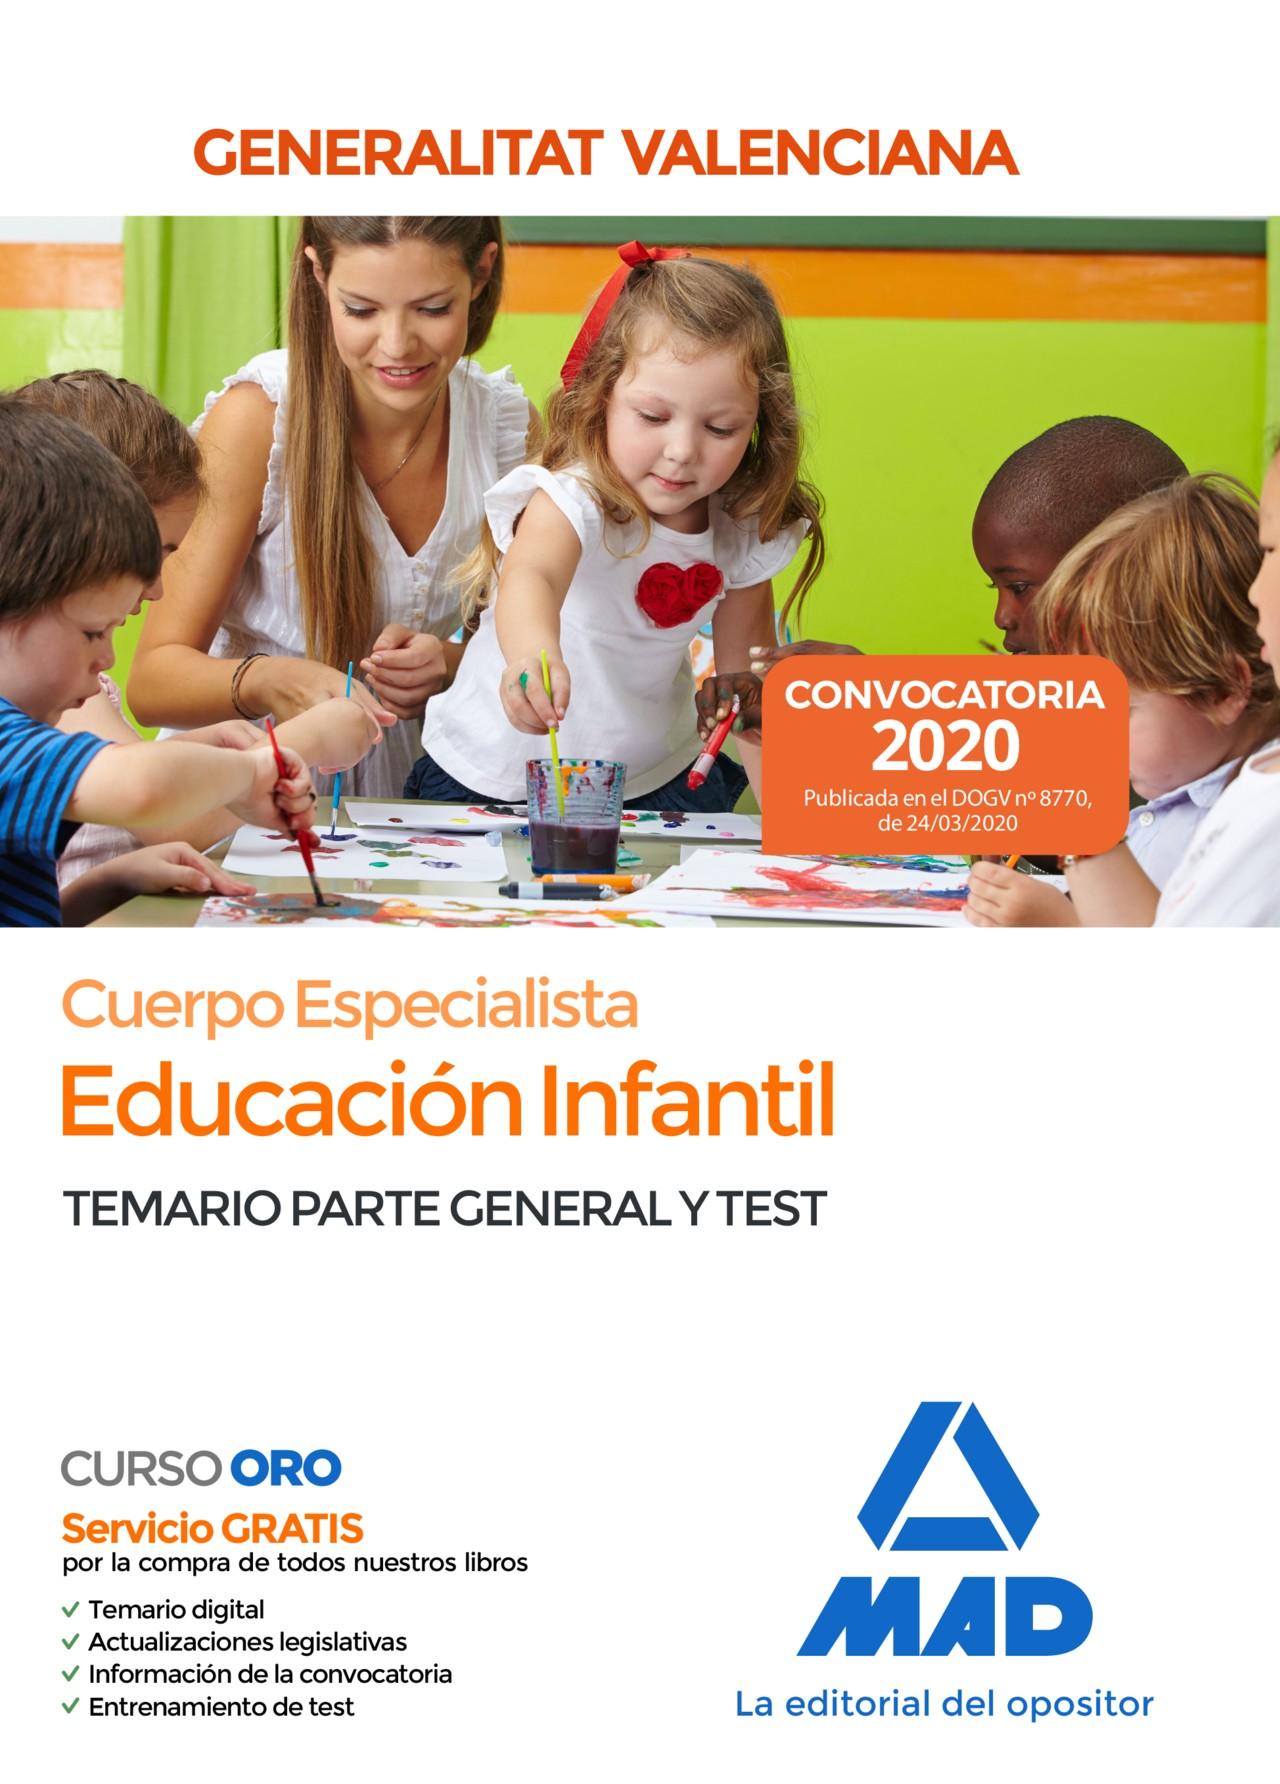 Cuerpo Especialista en Educación Infantil de la Administración de la Generalitat Valenciana